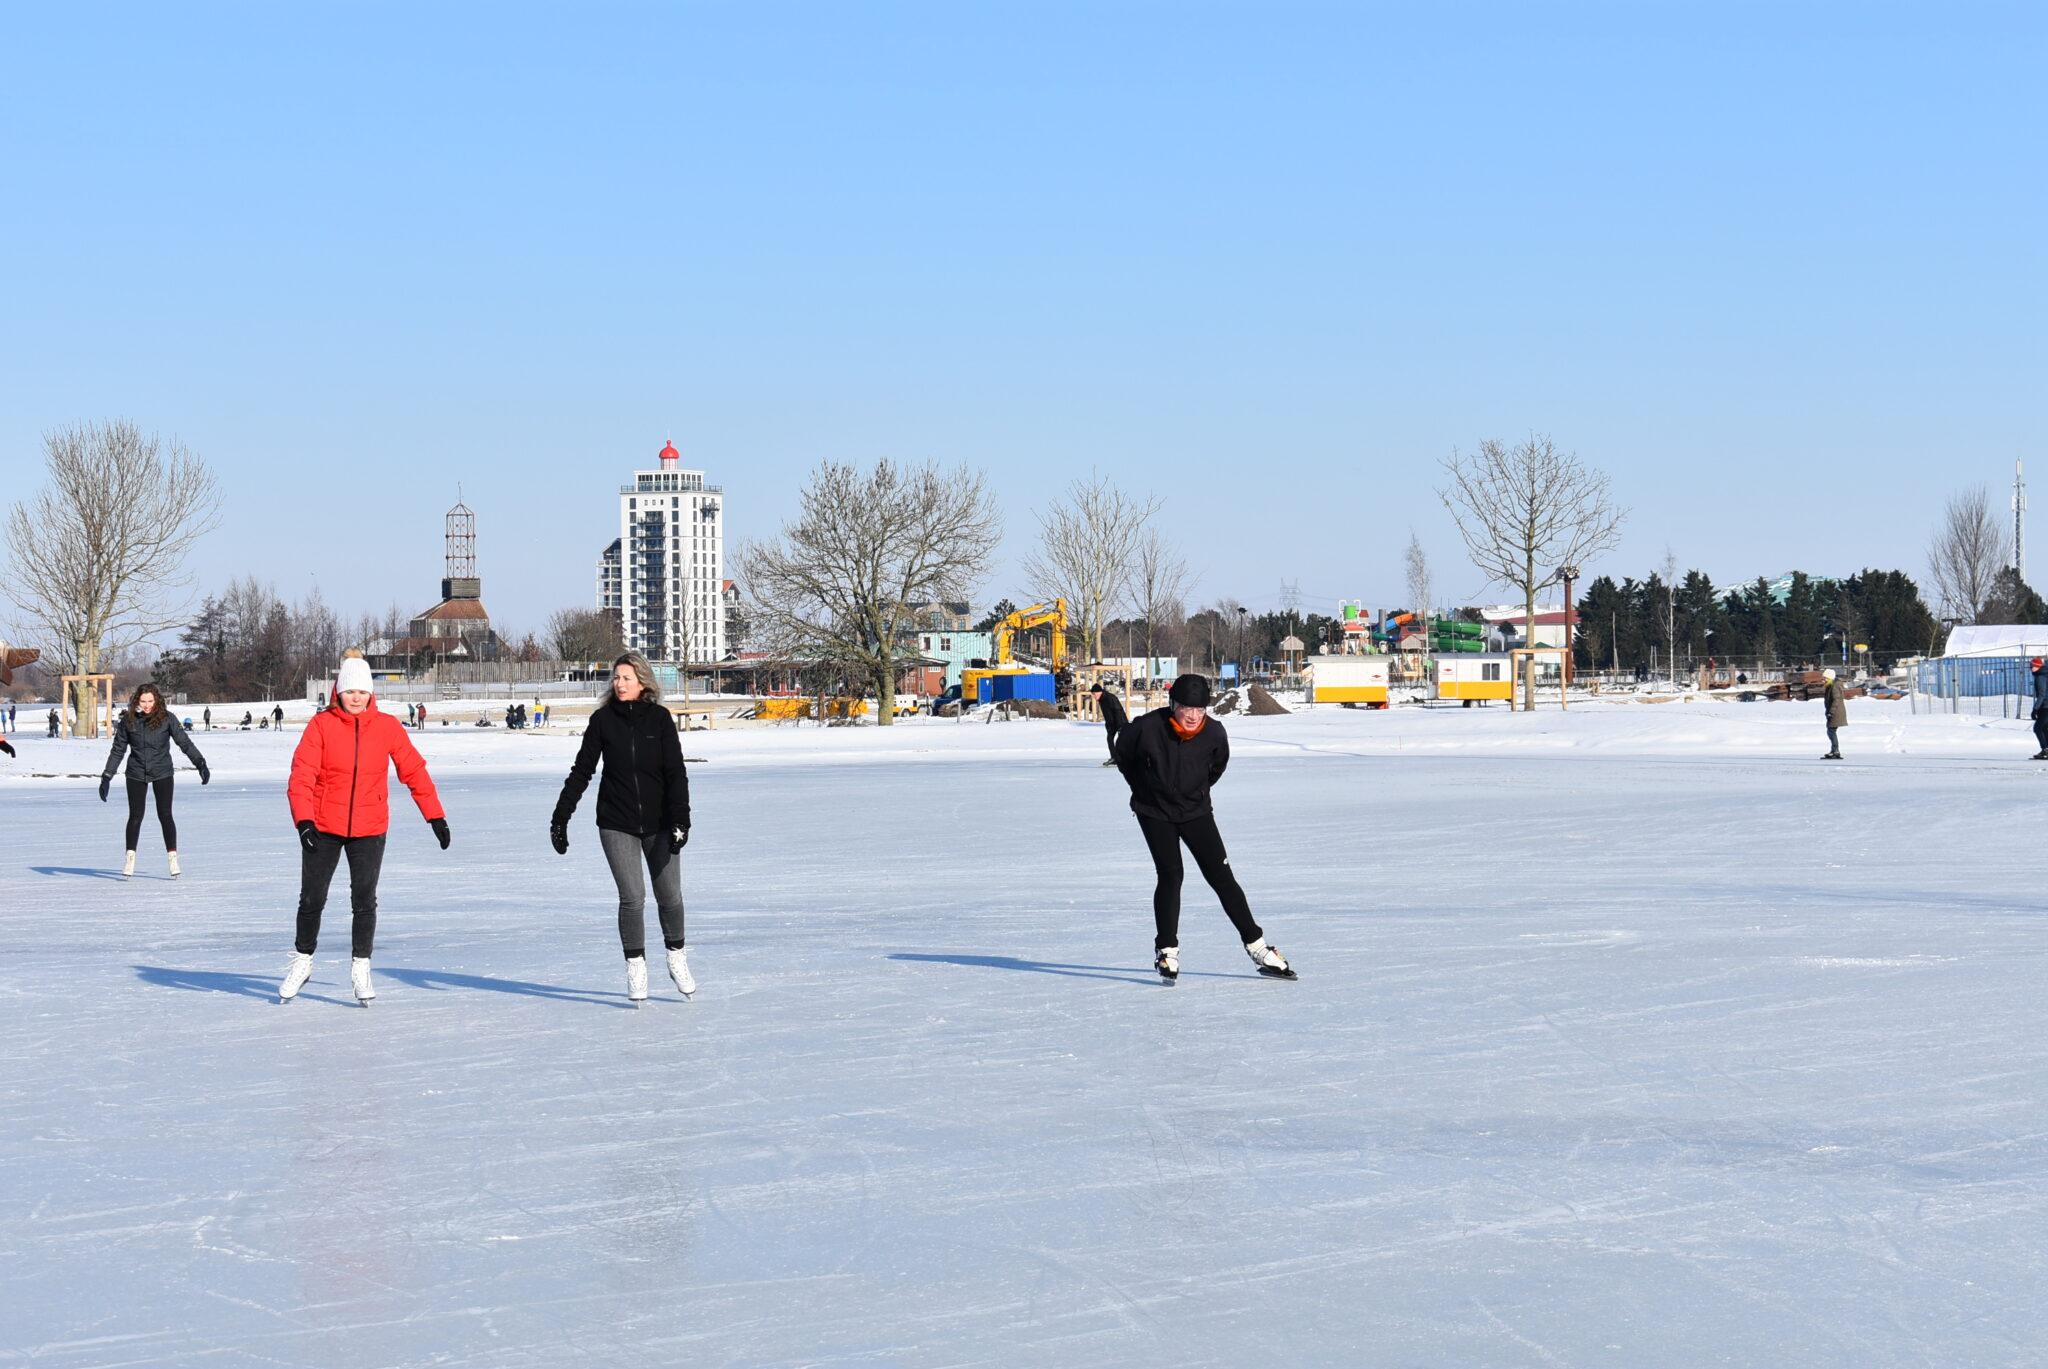 schaatsen harderwijk nuldernauw wolderwijd veluwemeer februari 2021 video beelden